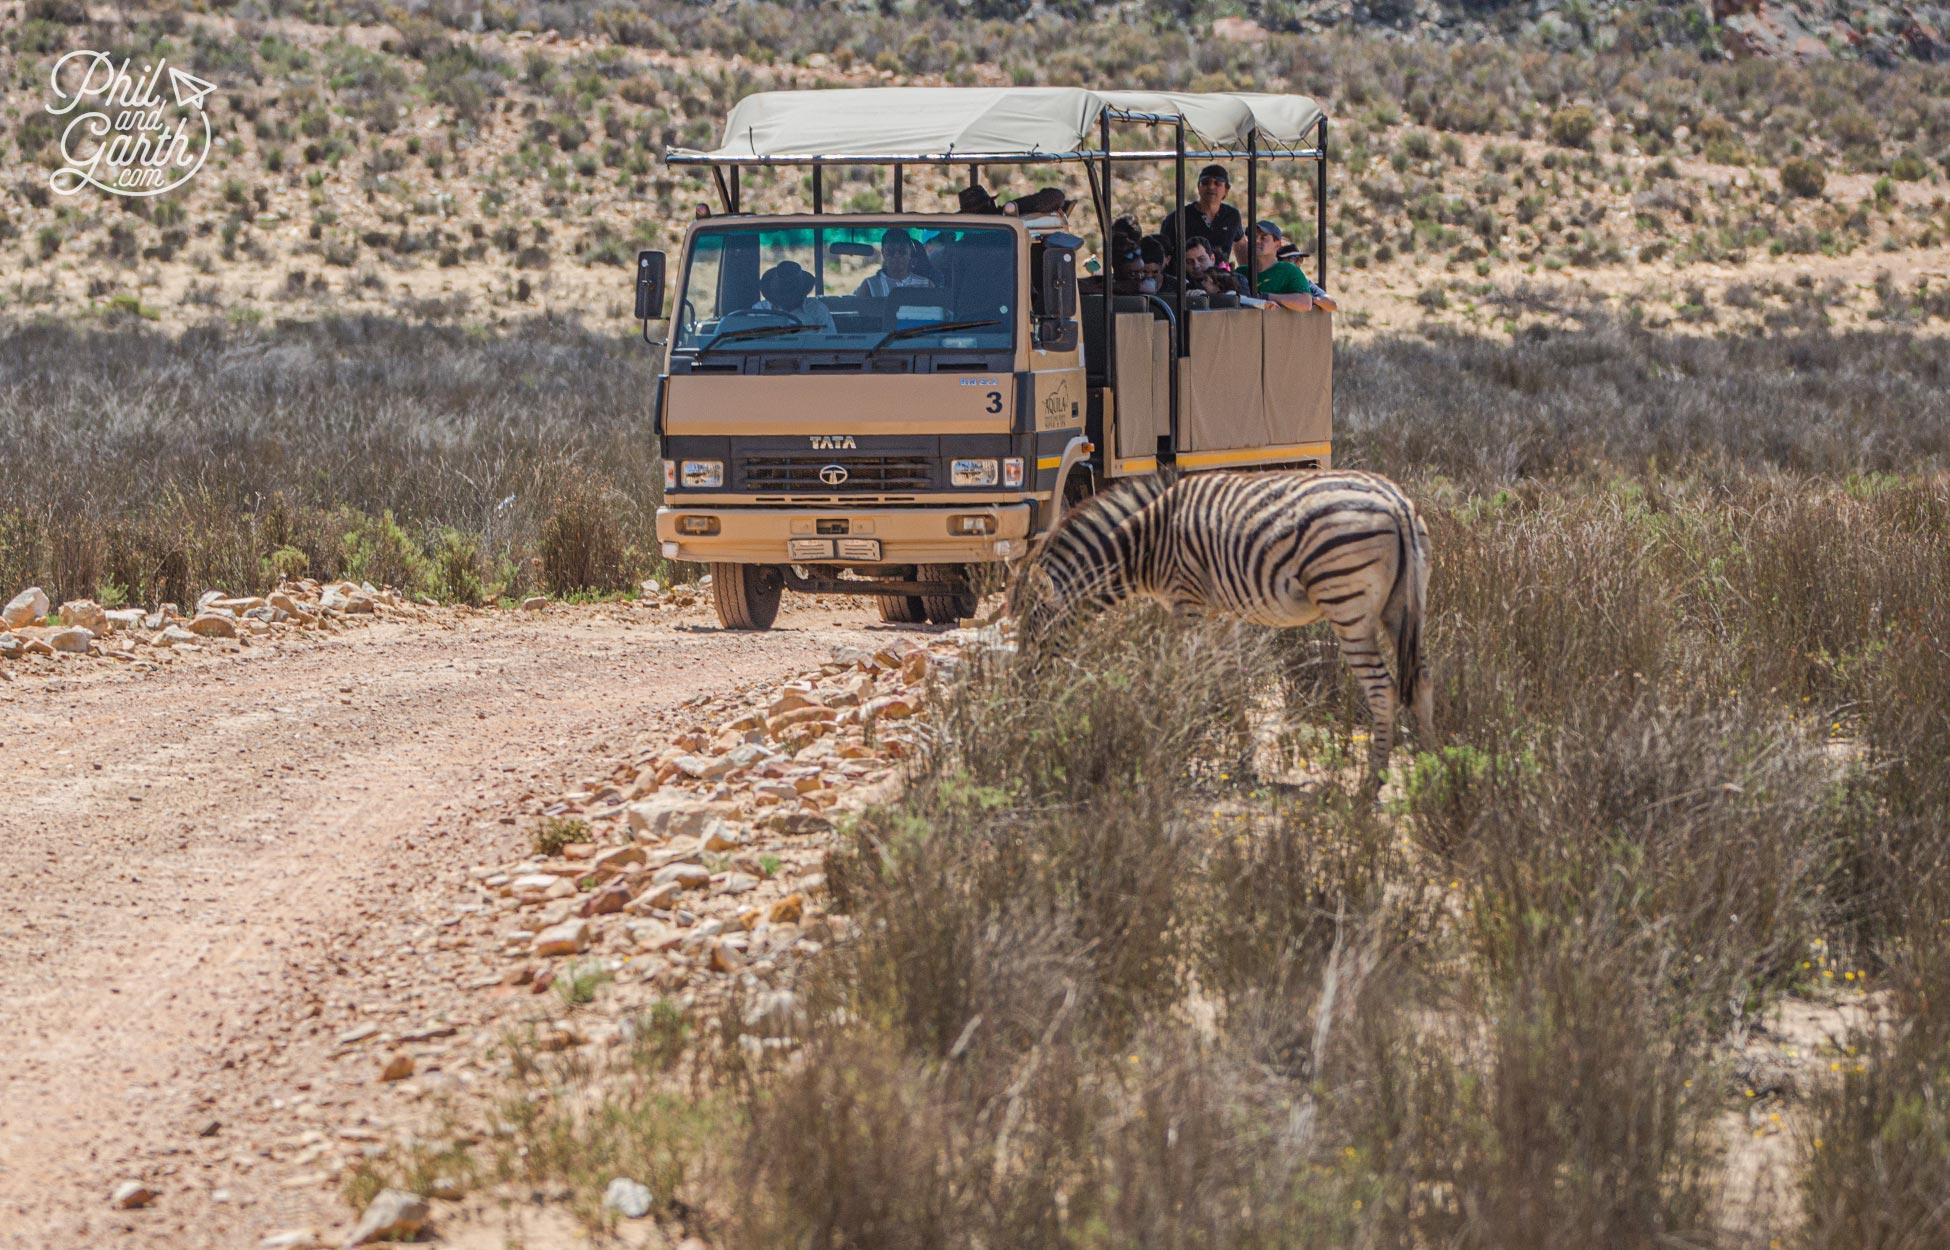 Our big 5 safari near Cape Town - The vehicle trucks are bumpy!